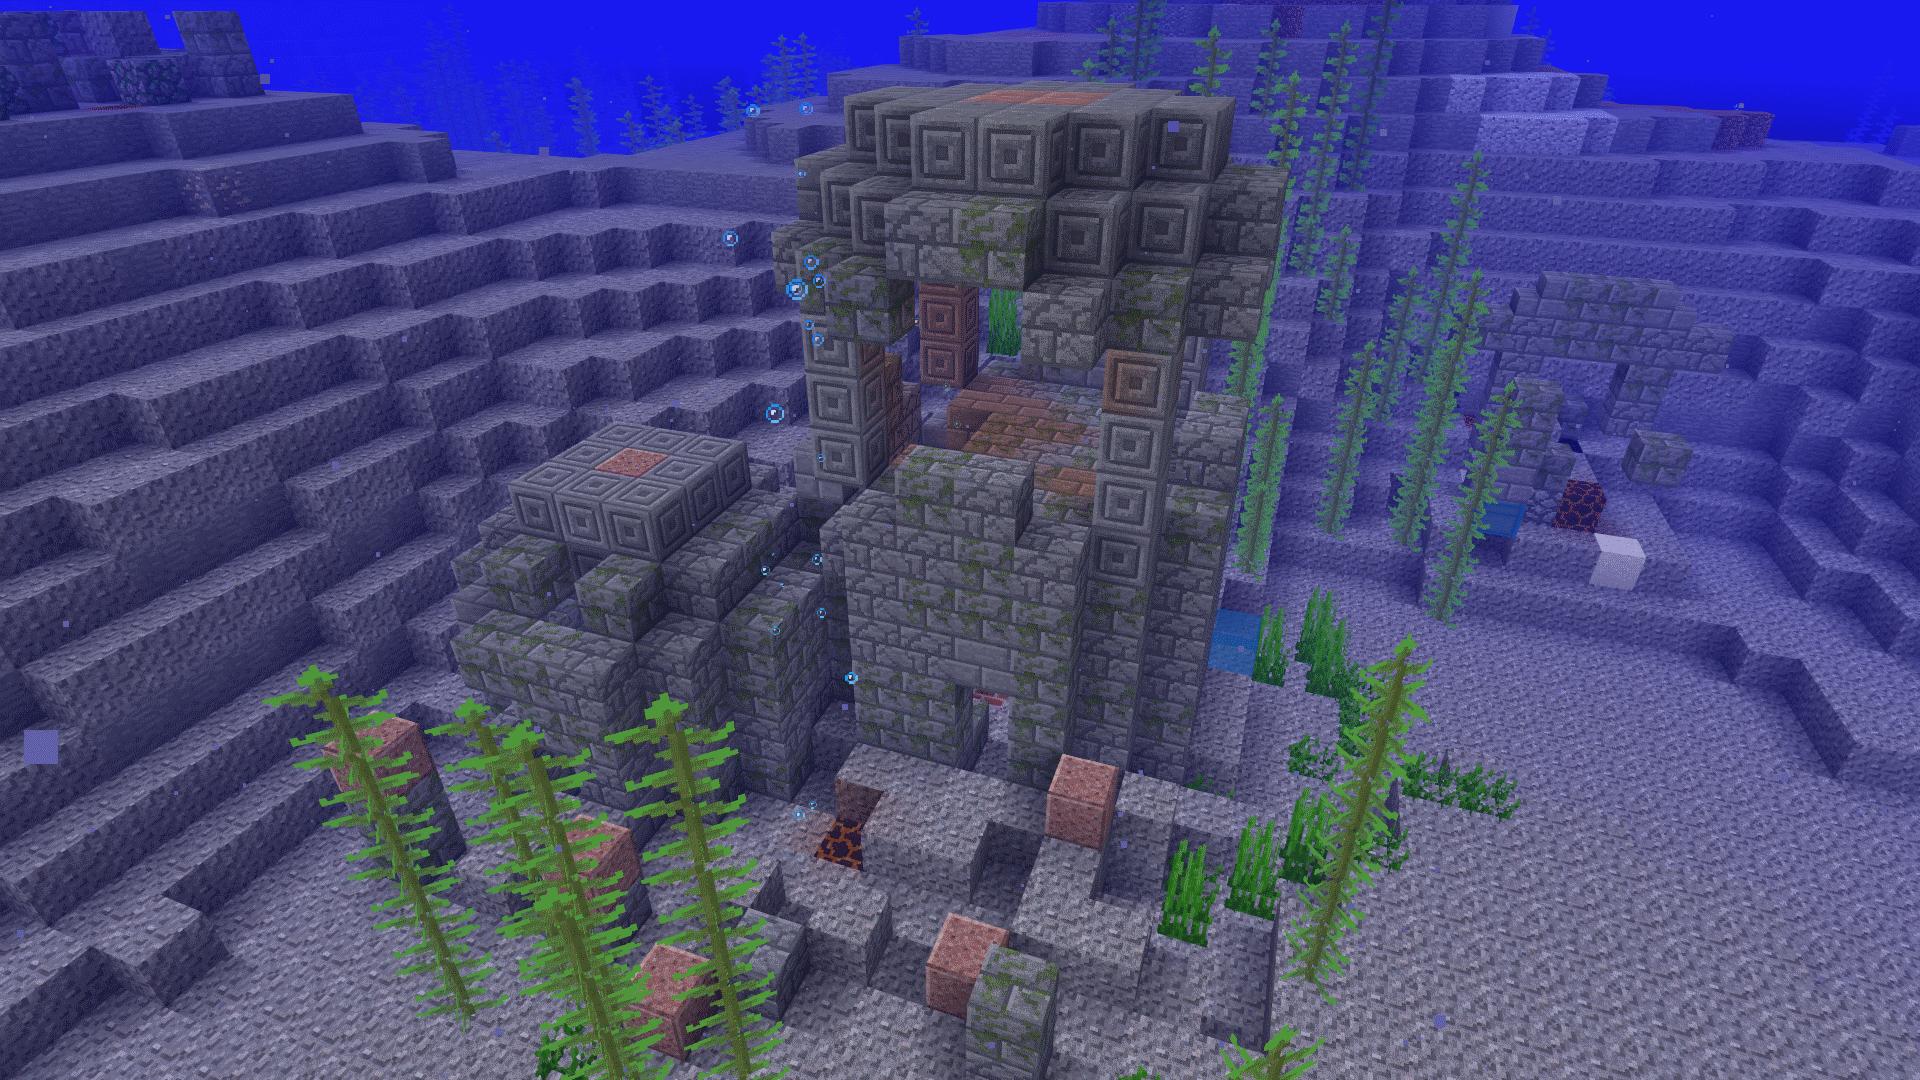 Minecraft Screenshot 2018.03.14 - 21.43.30.34.png